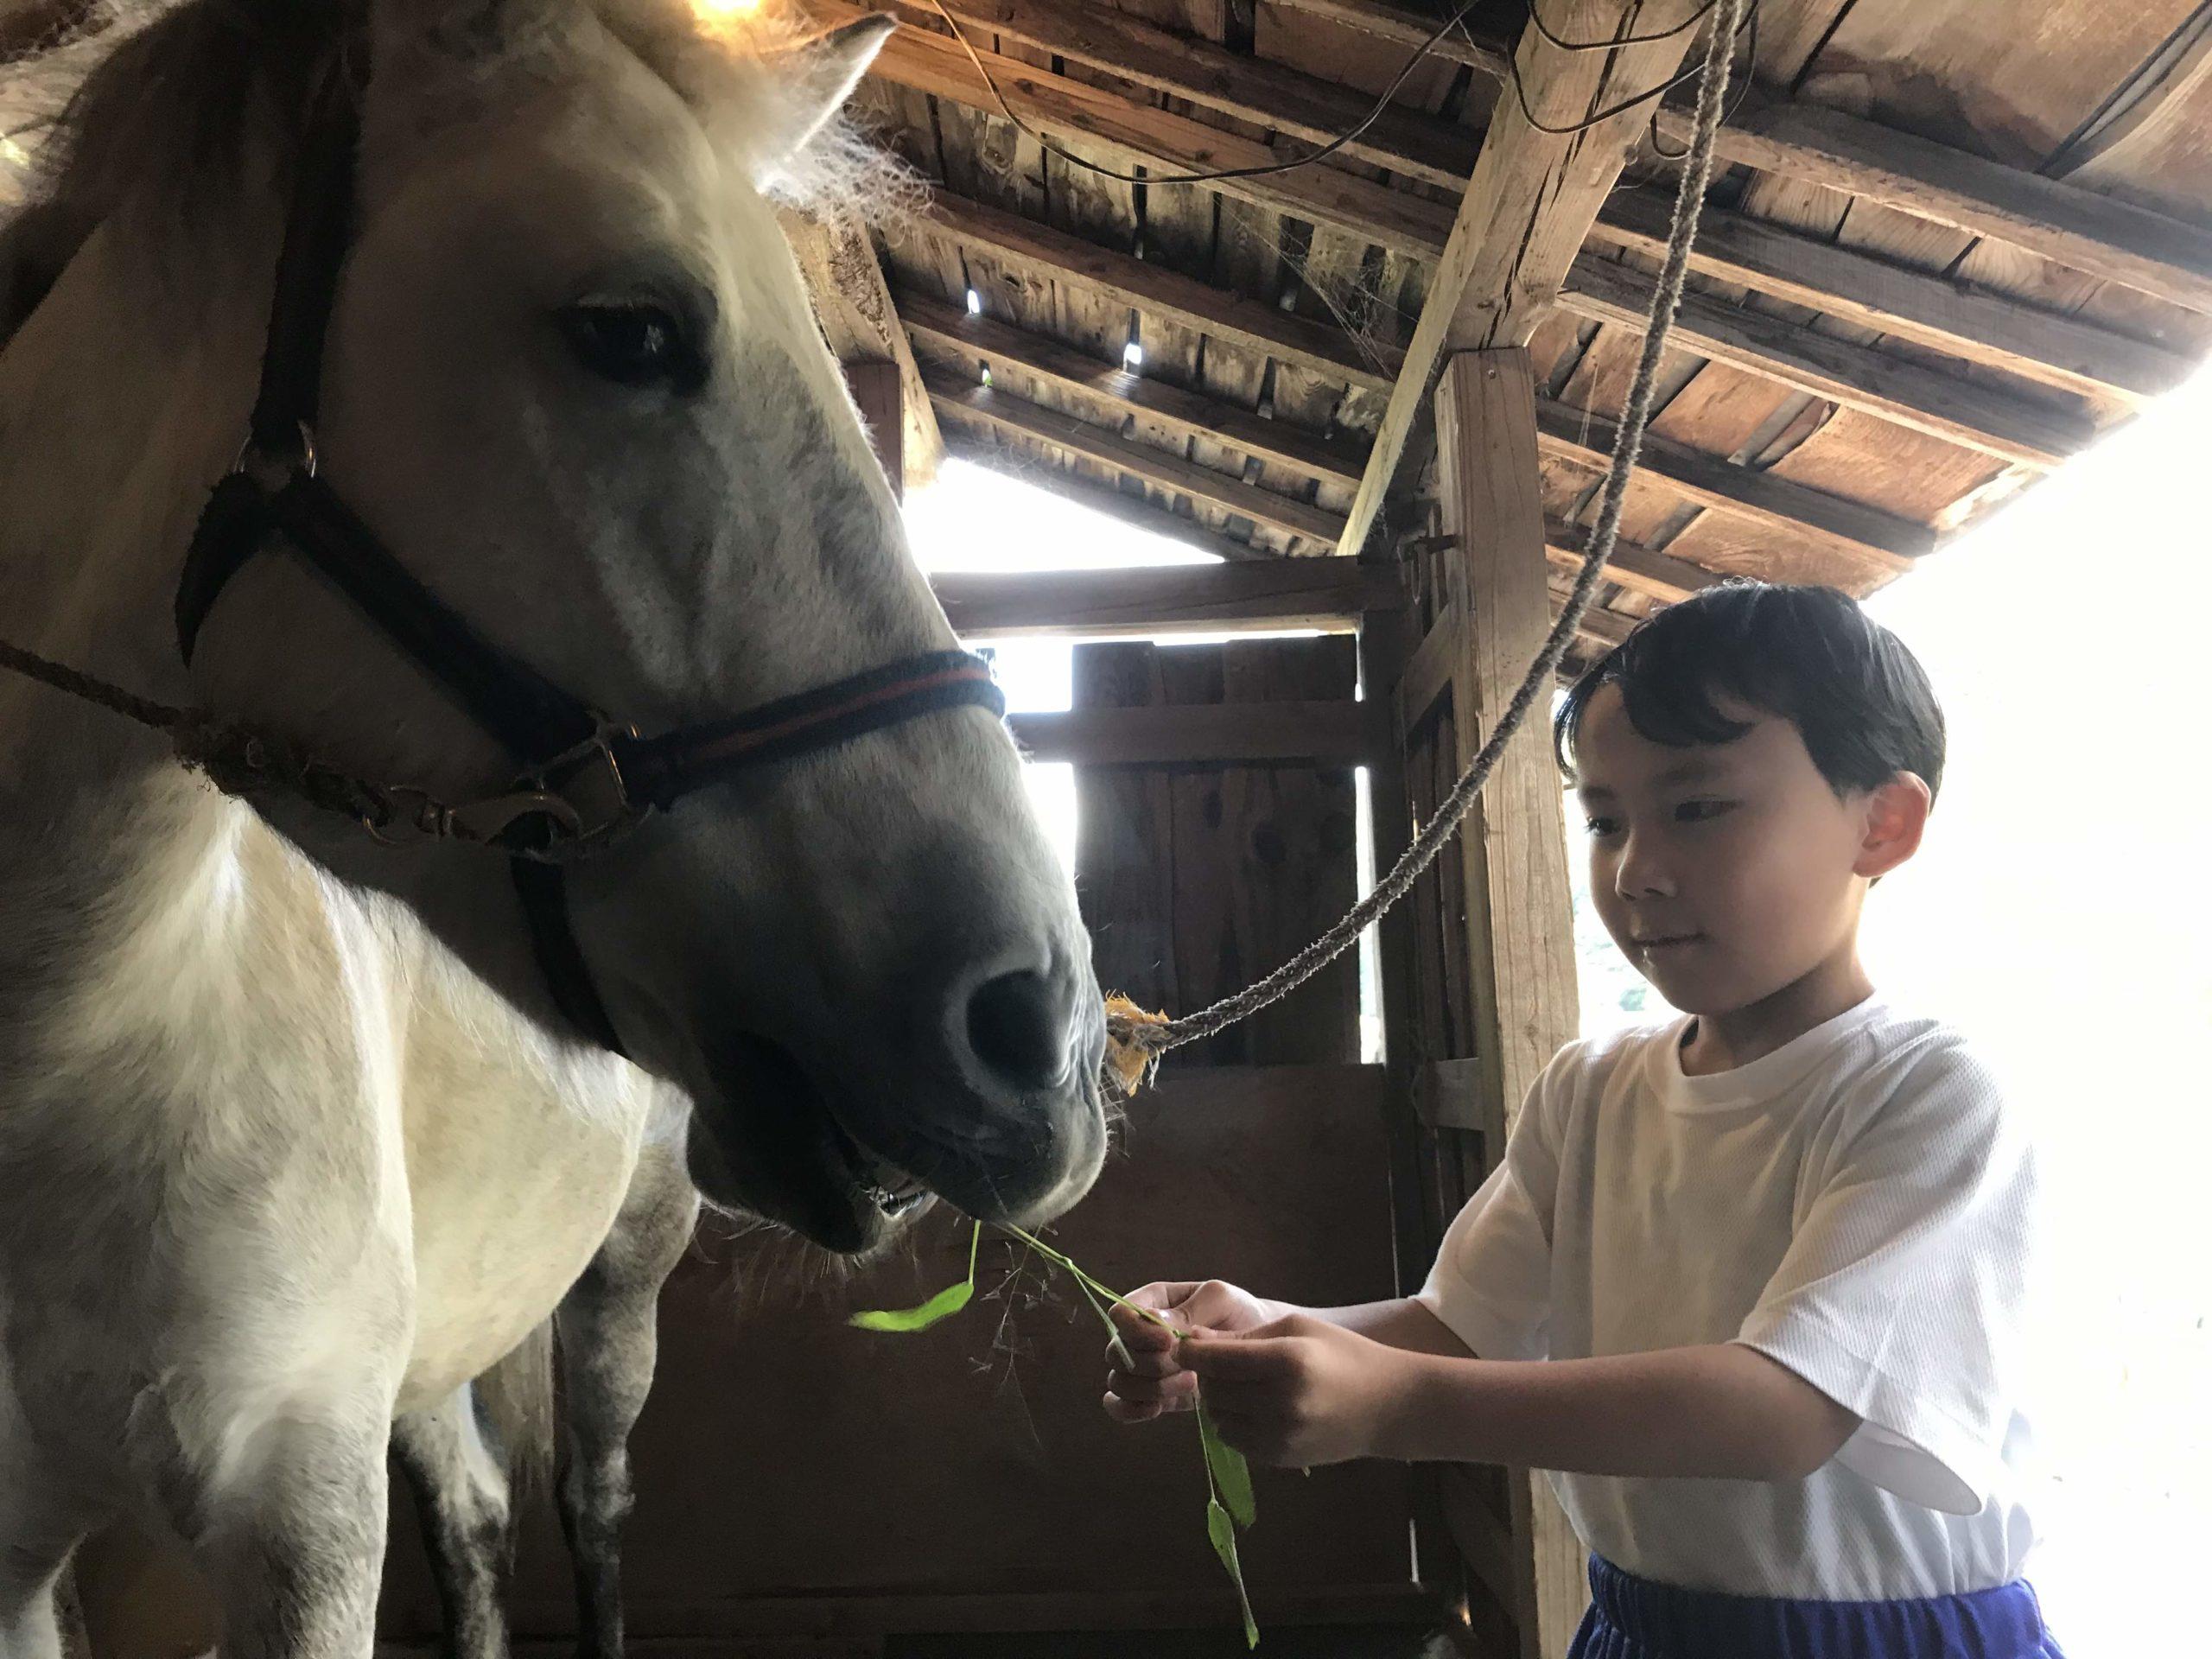 【終了】ホースセラピー講座「これでいいの?子どもとの関わり方」 その答えは 馬が知っている! 10/11(日)